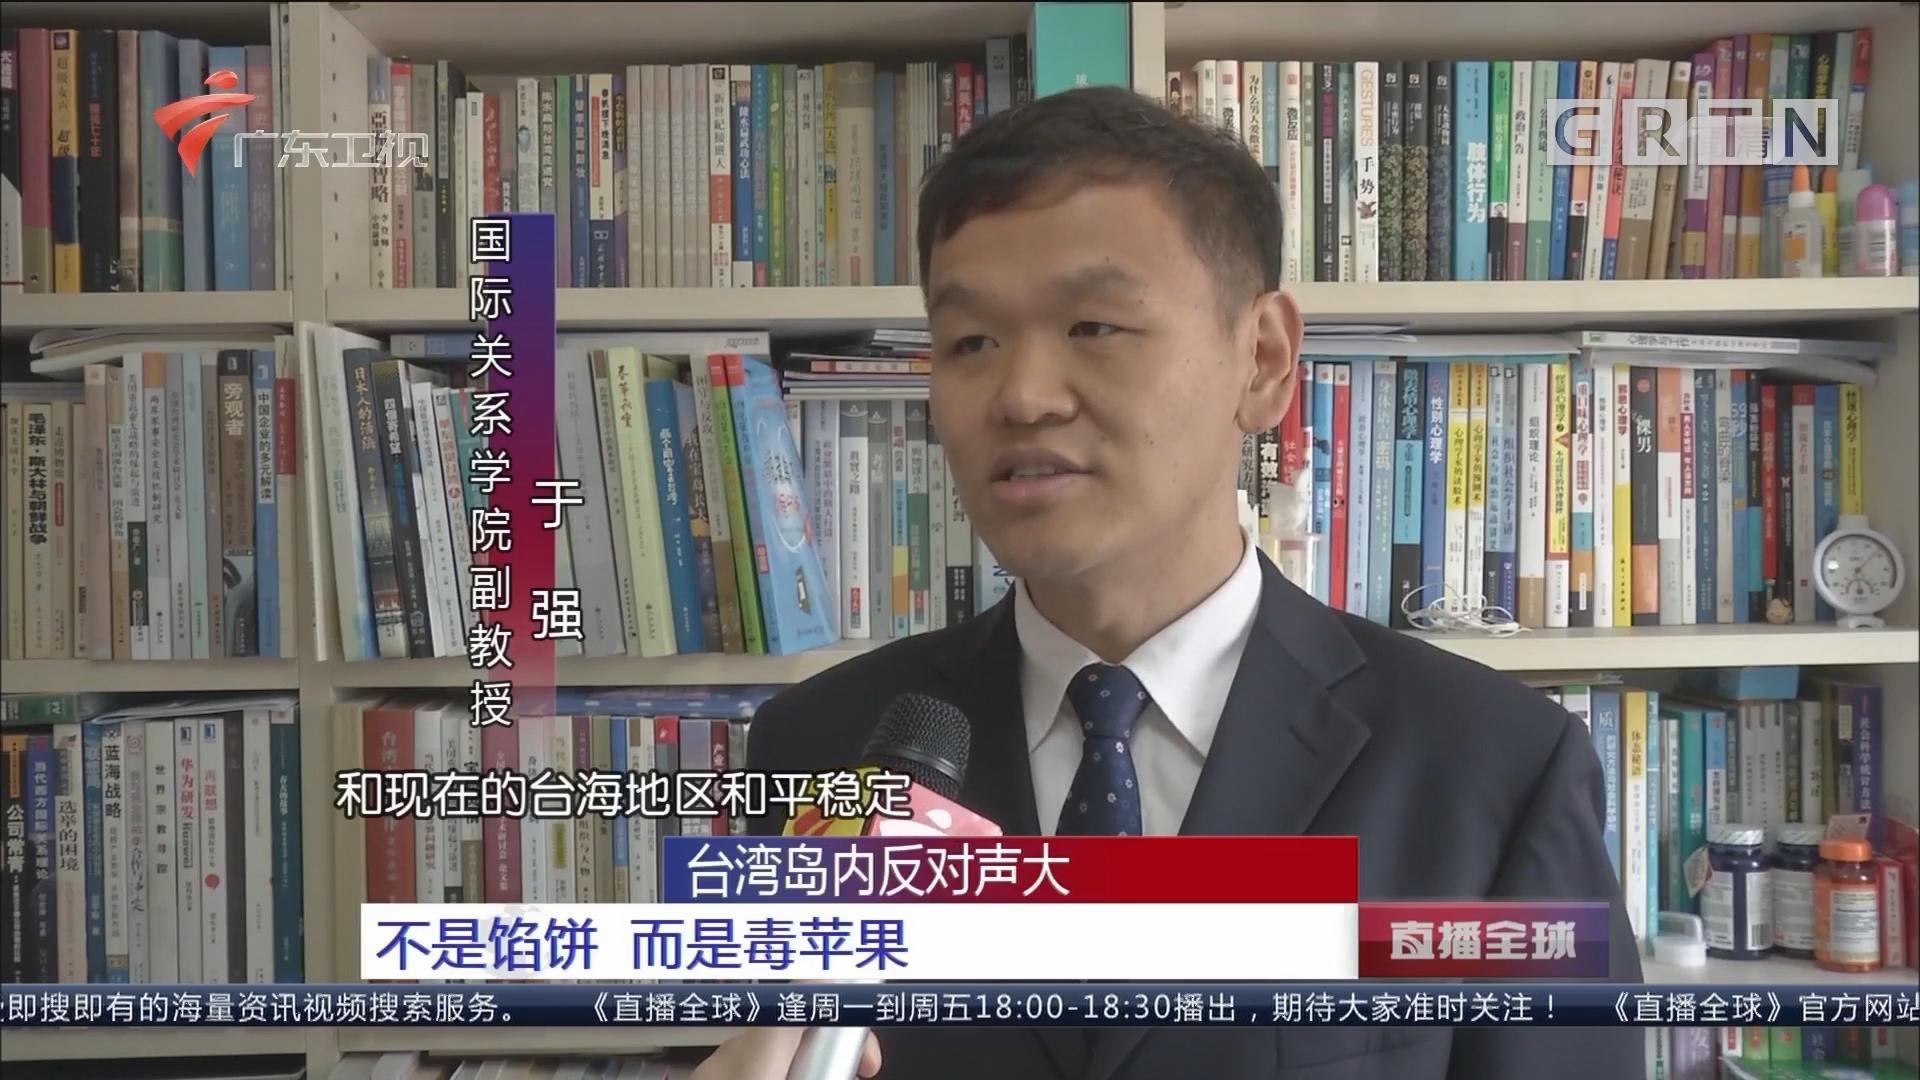 台湾岛内反对声大:不是馅饼 而是毒苹果